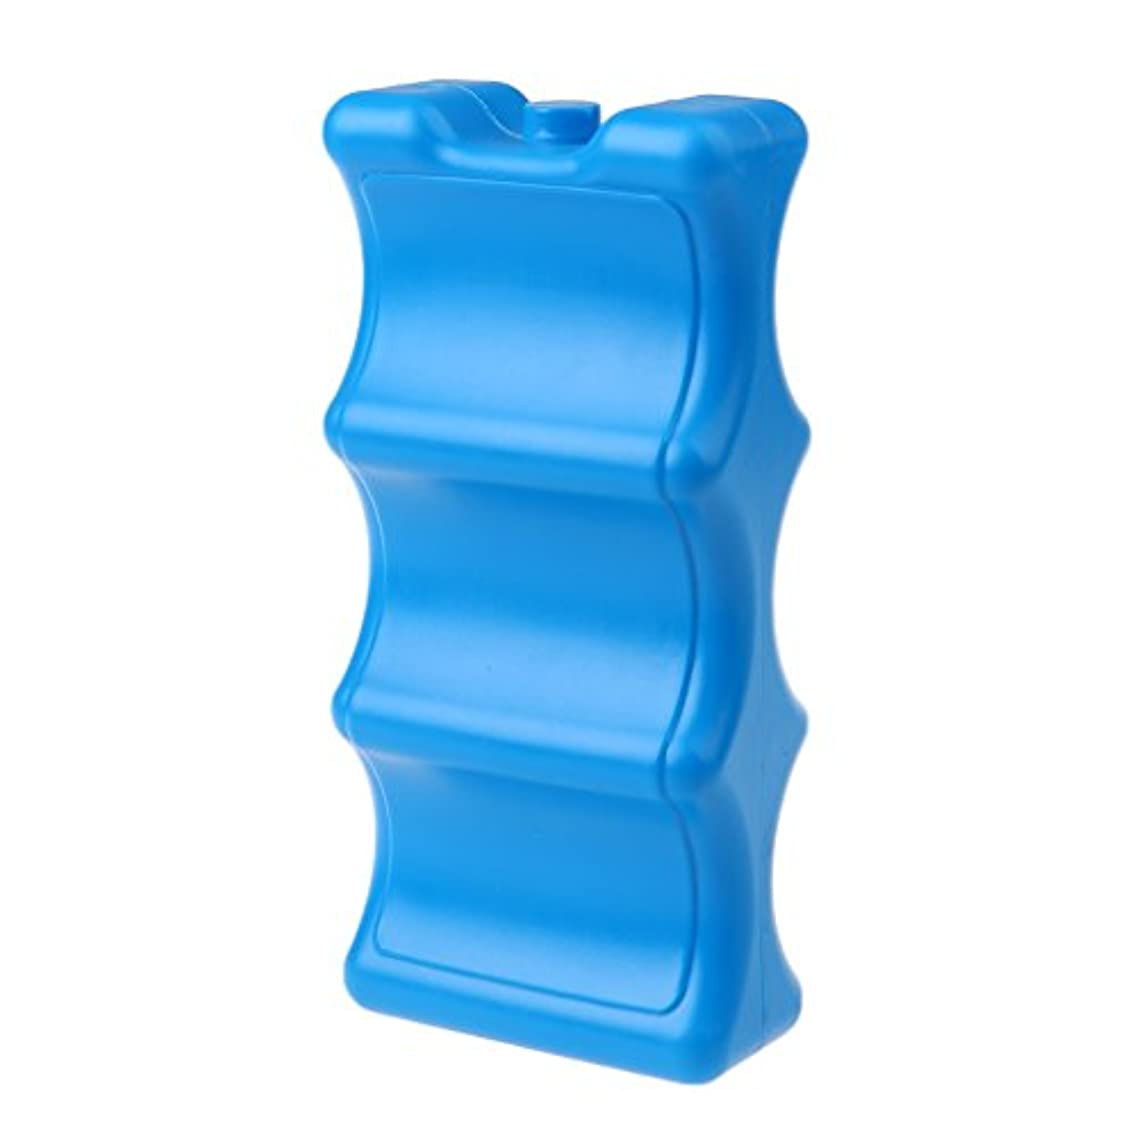 いうアルファベットアンティークBaosity プラスチック 再利用可能 キャンプ ハイキング ランチフリーザー アイスブロックケース クーラーボックス 全2色